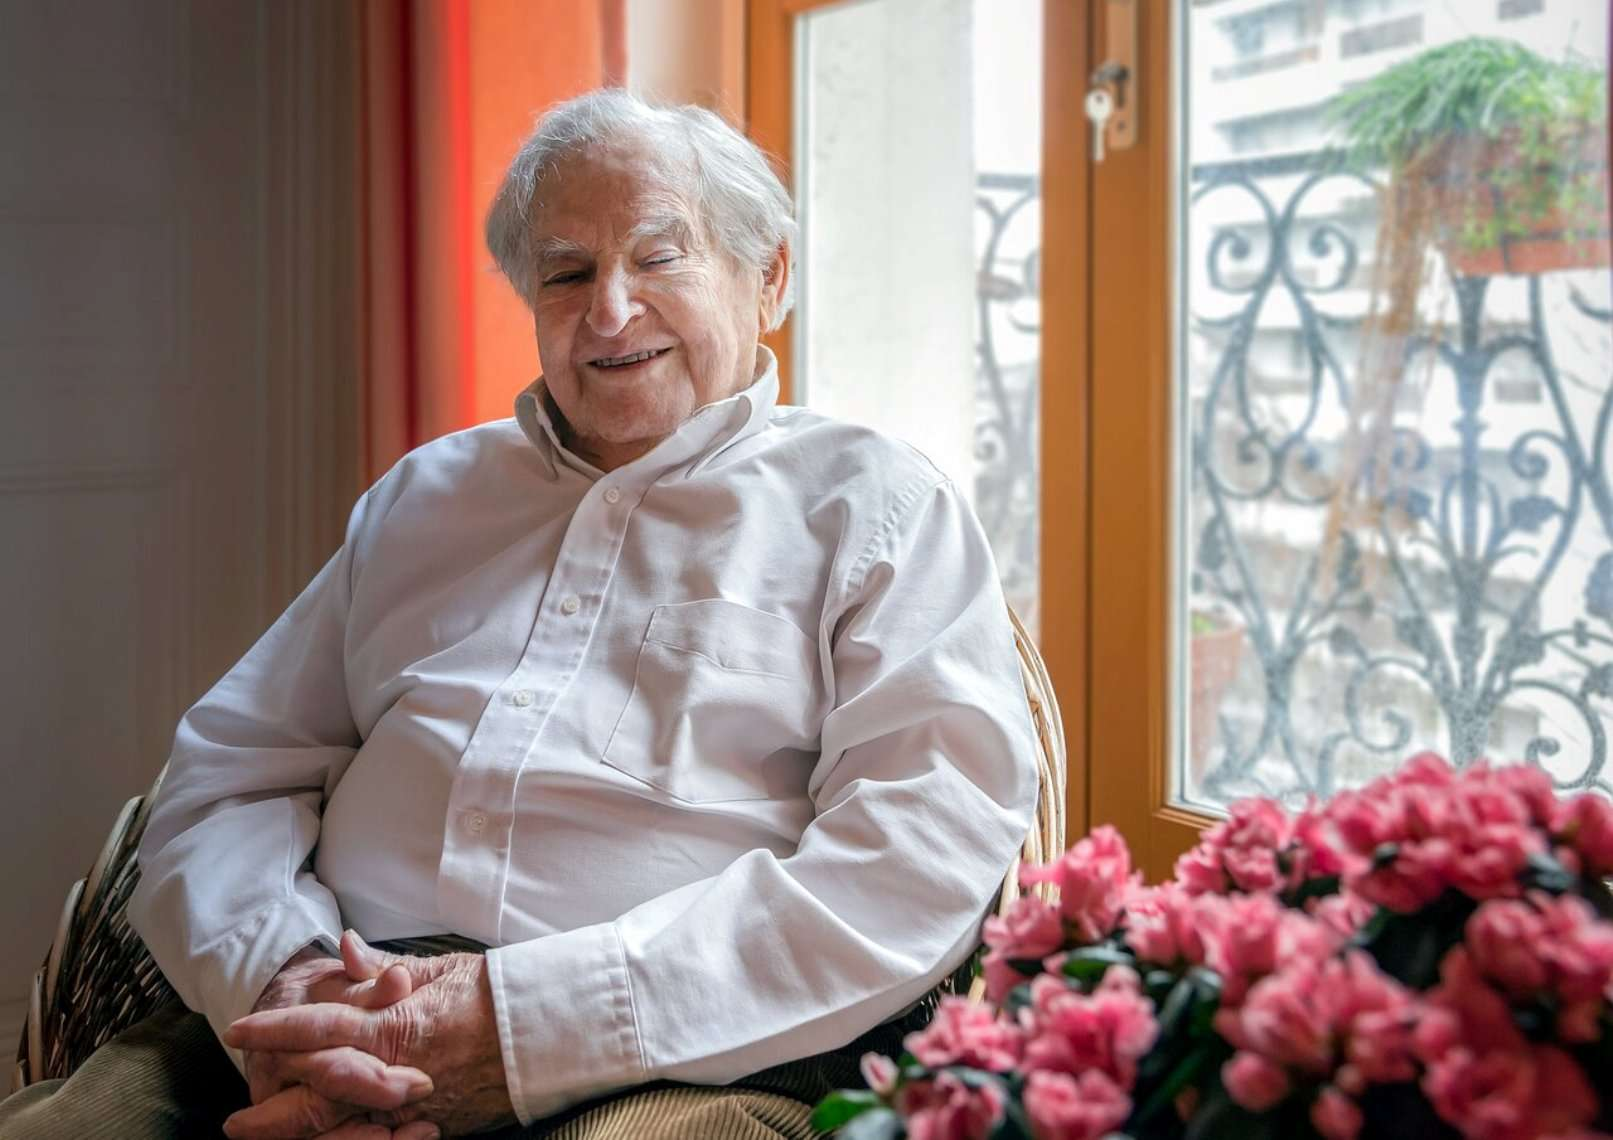 Une des dernières photos de Jean-Claude Pecker. © IAU, C. Madsen